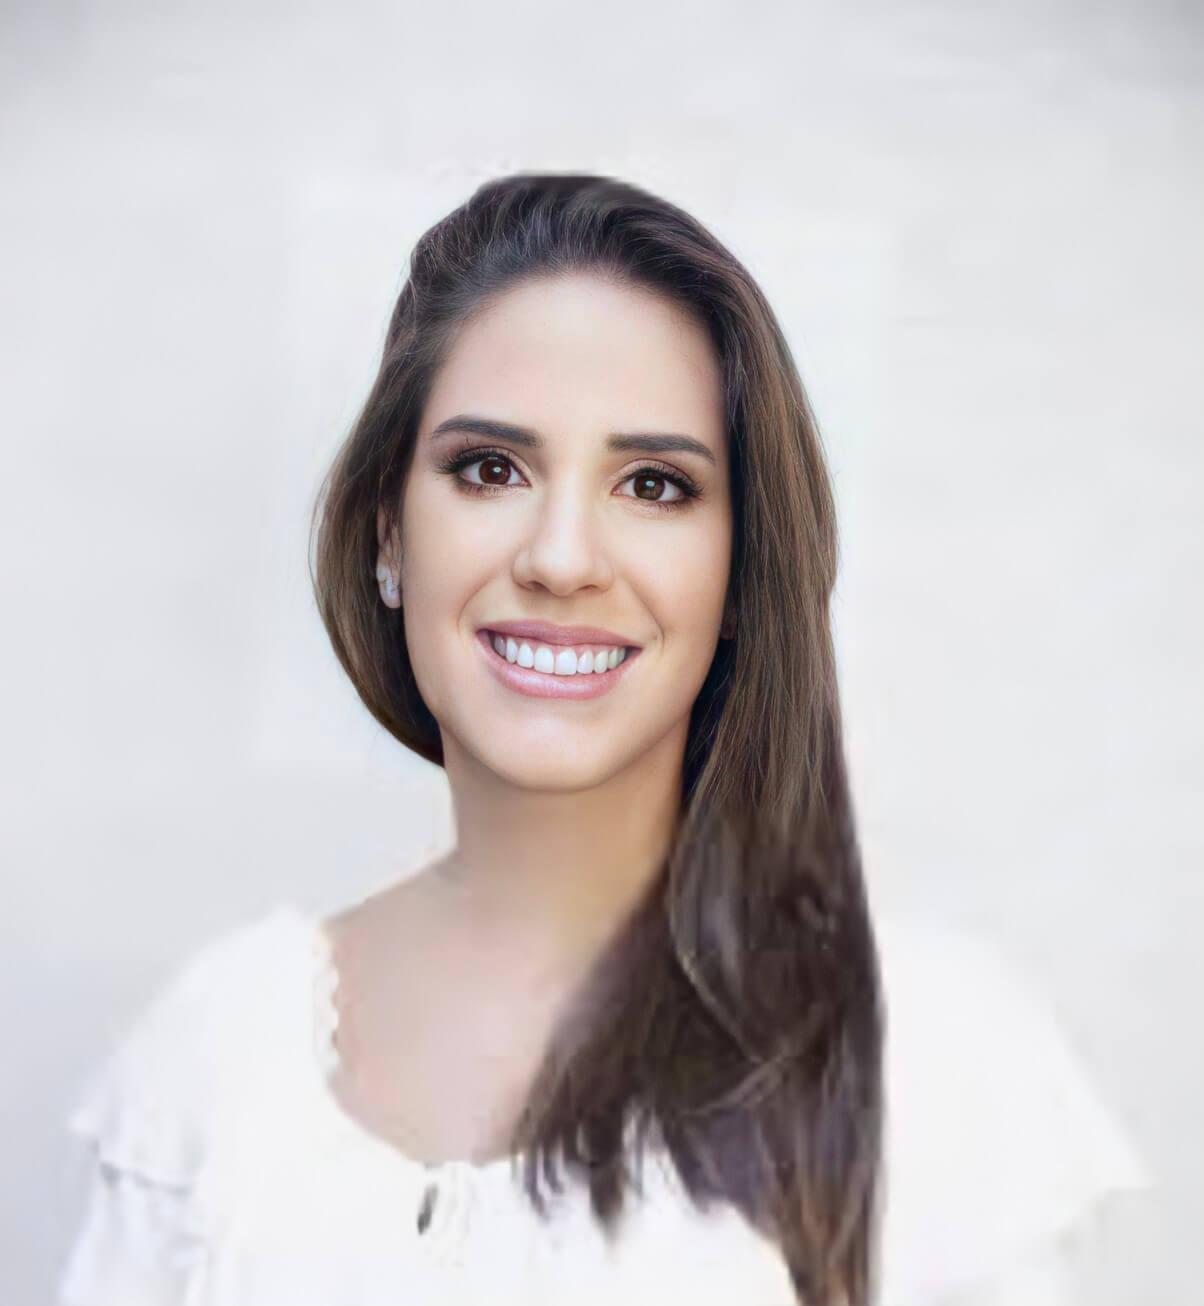 Rafaella Rodrigues Penha de Souza